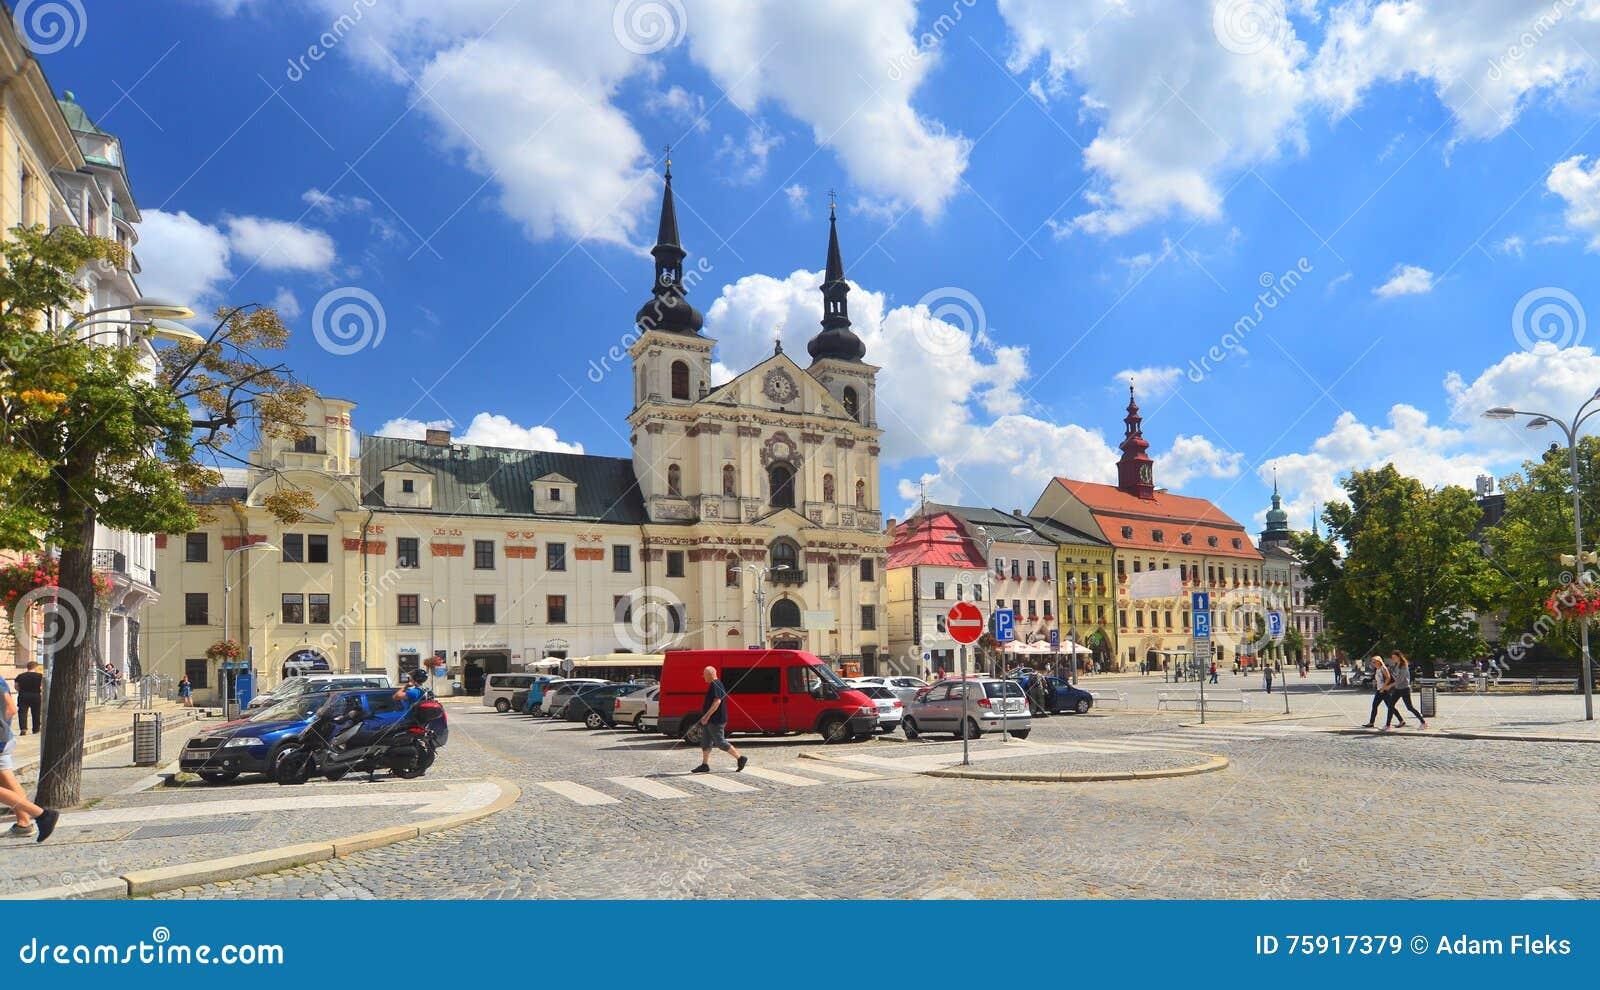 Marktplatz in Jihlava, Tschechische Republik